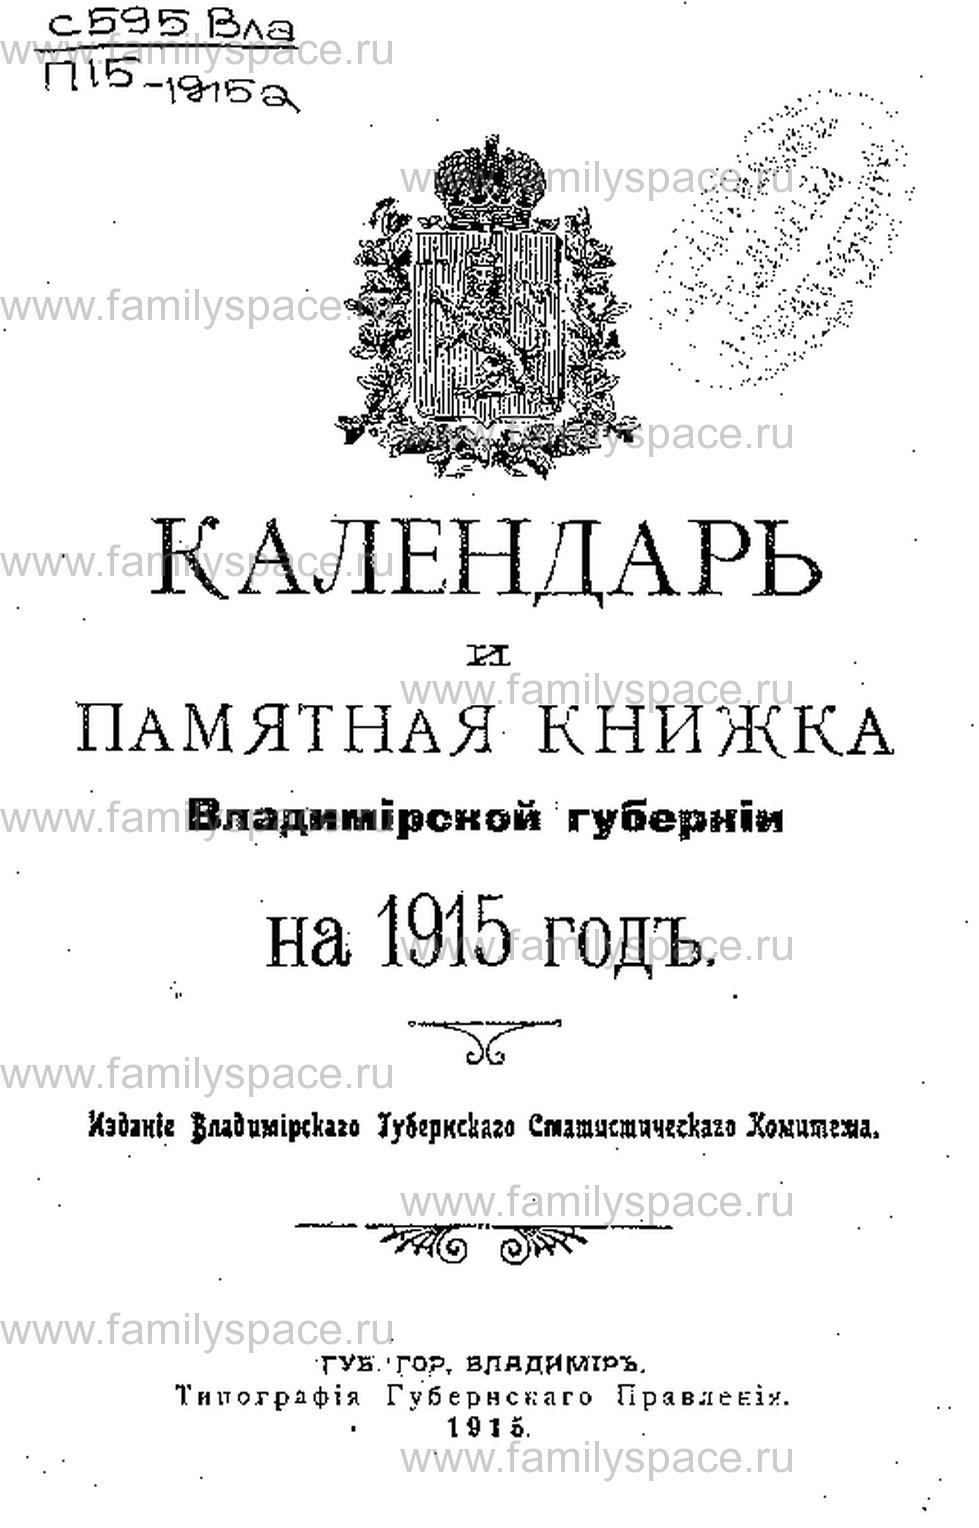 Поиск по фамилии - Календарь и памятная книжка Владимирской губернии на 1915 г, страница 1